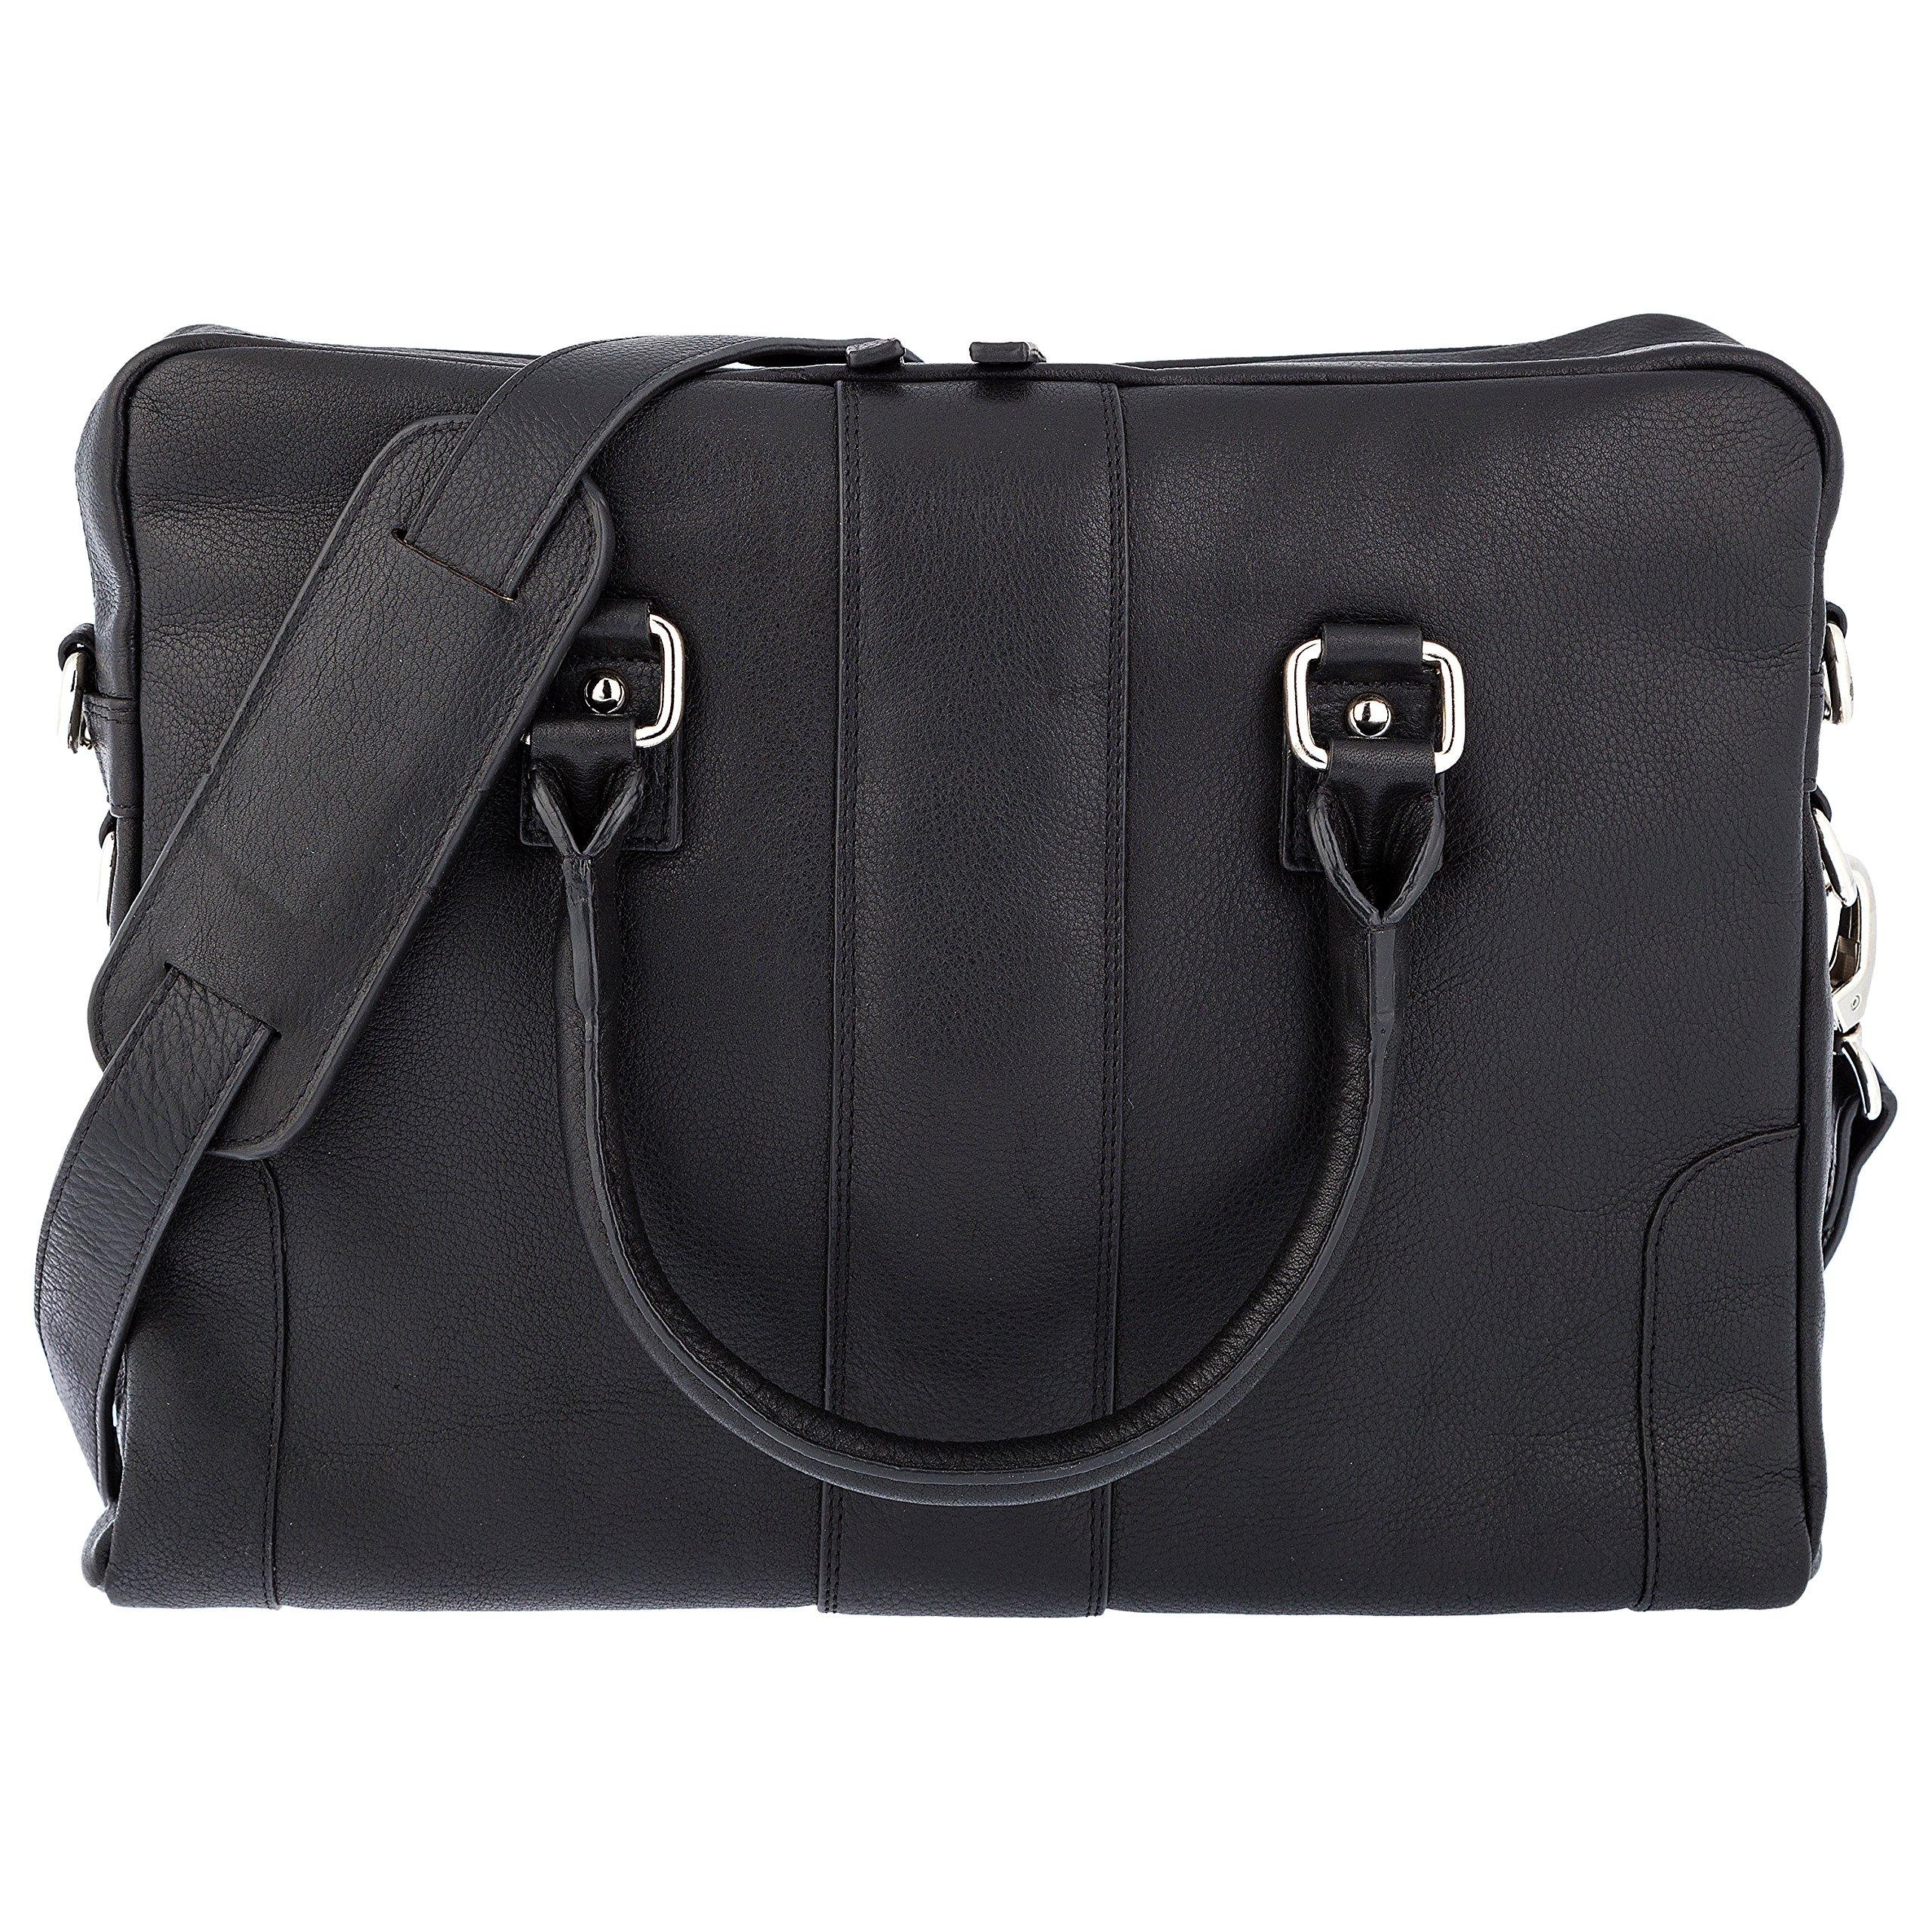 Genuine Leather Briefcase Shoulder Bag 13'' Laptop Bag (Black) SD 07